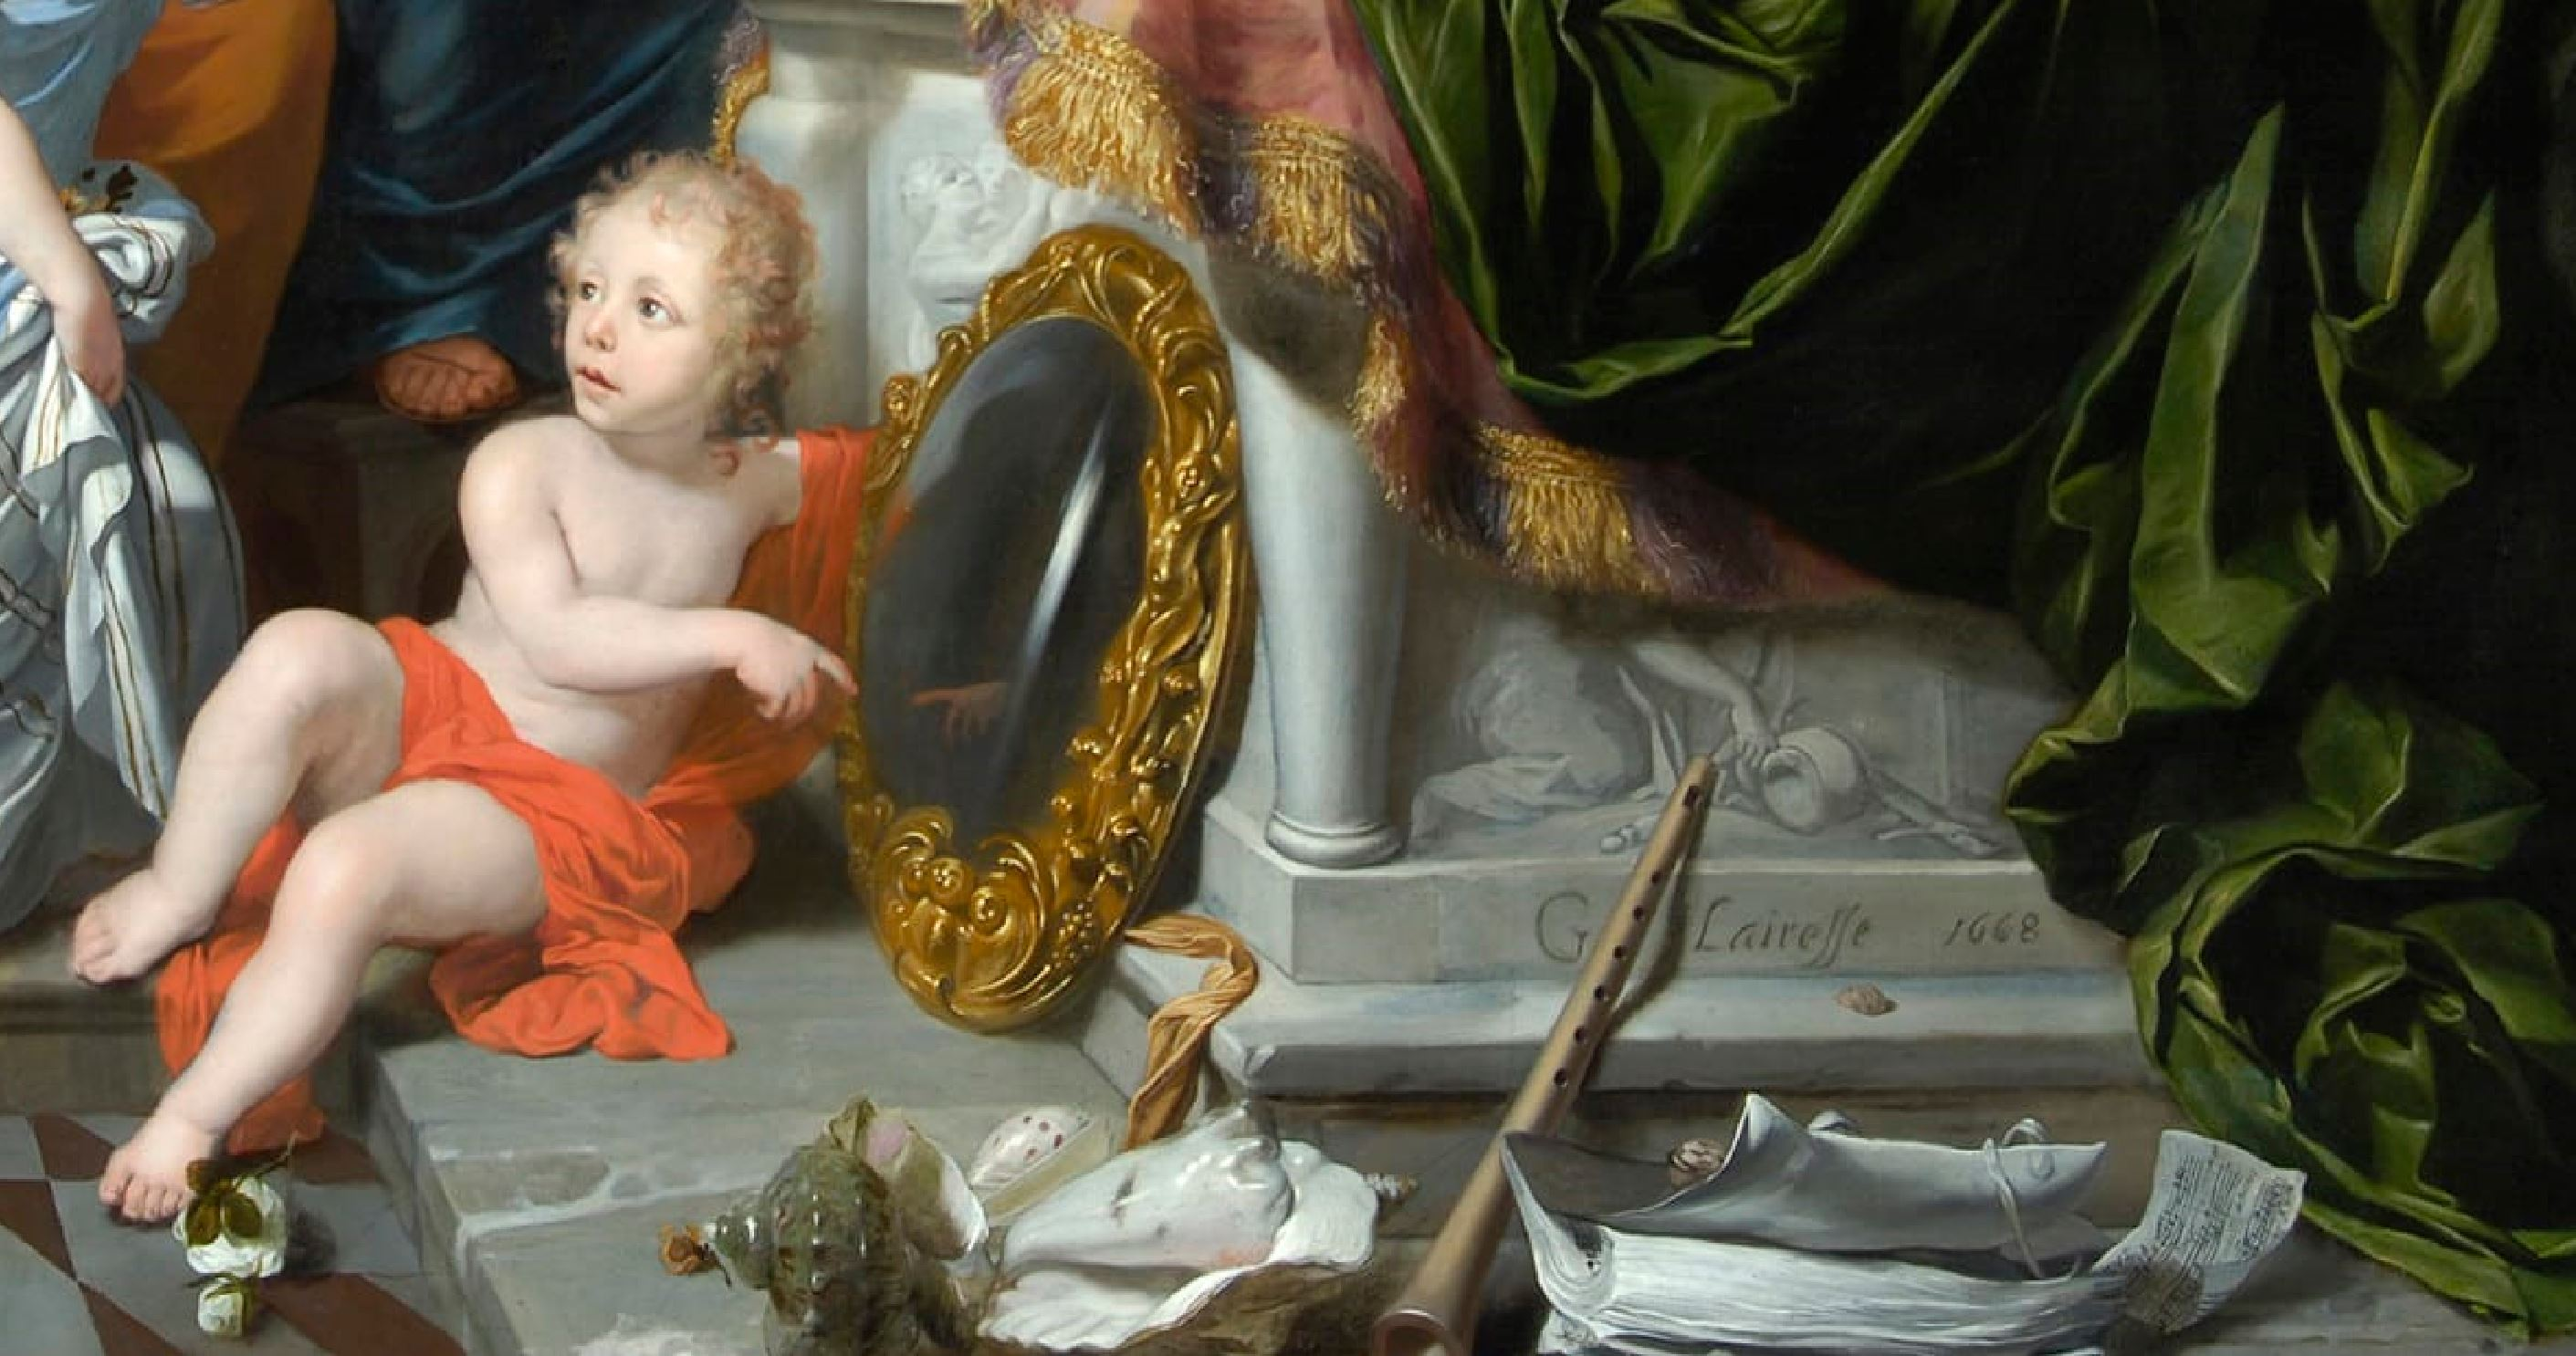 Lairesse 1668 Les cinq sens Glasgow museums detail miroir